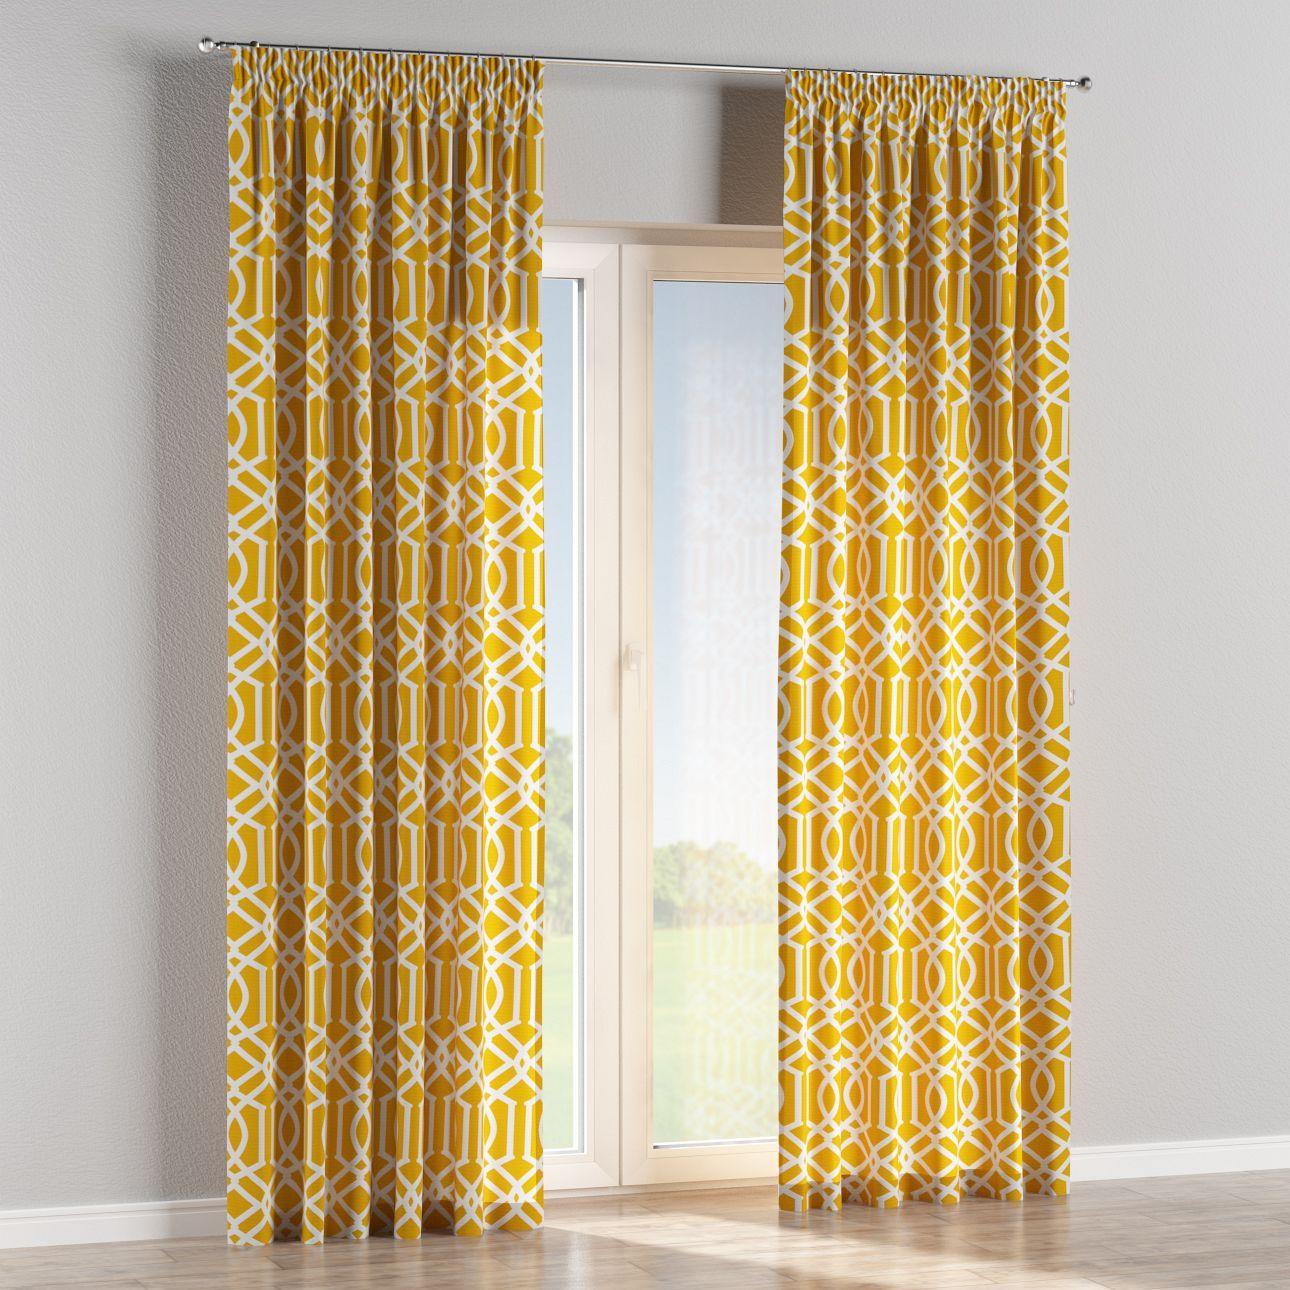 gardiner køb Køb gardiner efter mål hos Dekoria – kvalitet fra A til Z gardiner køb